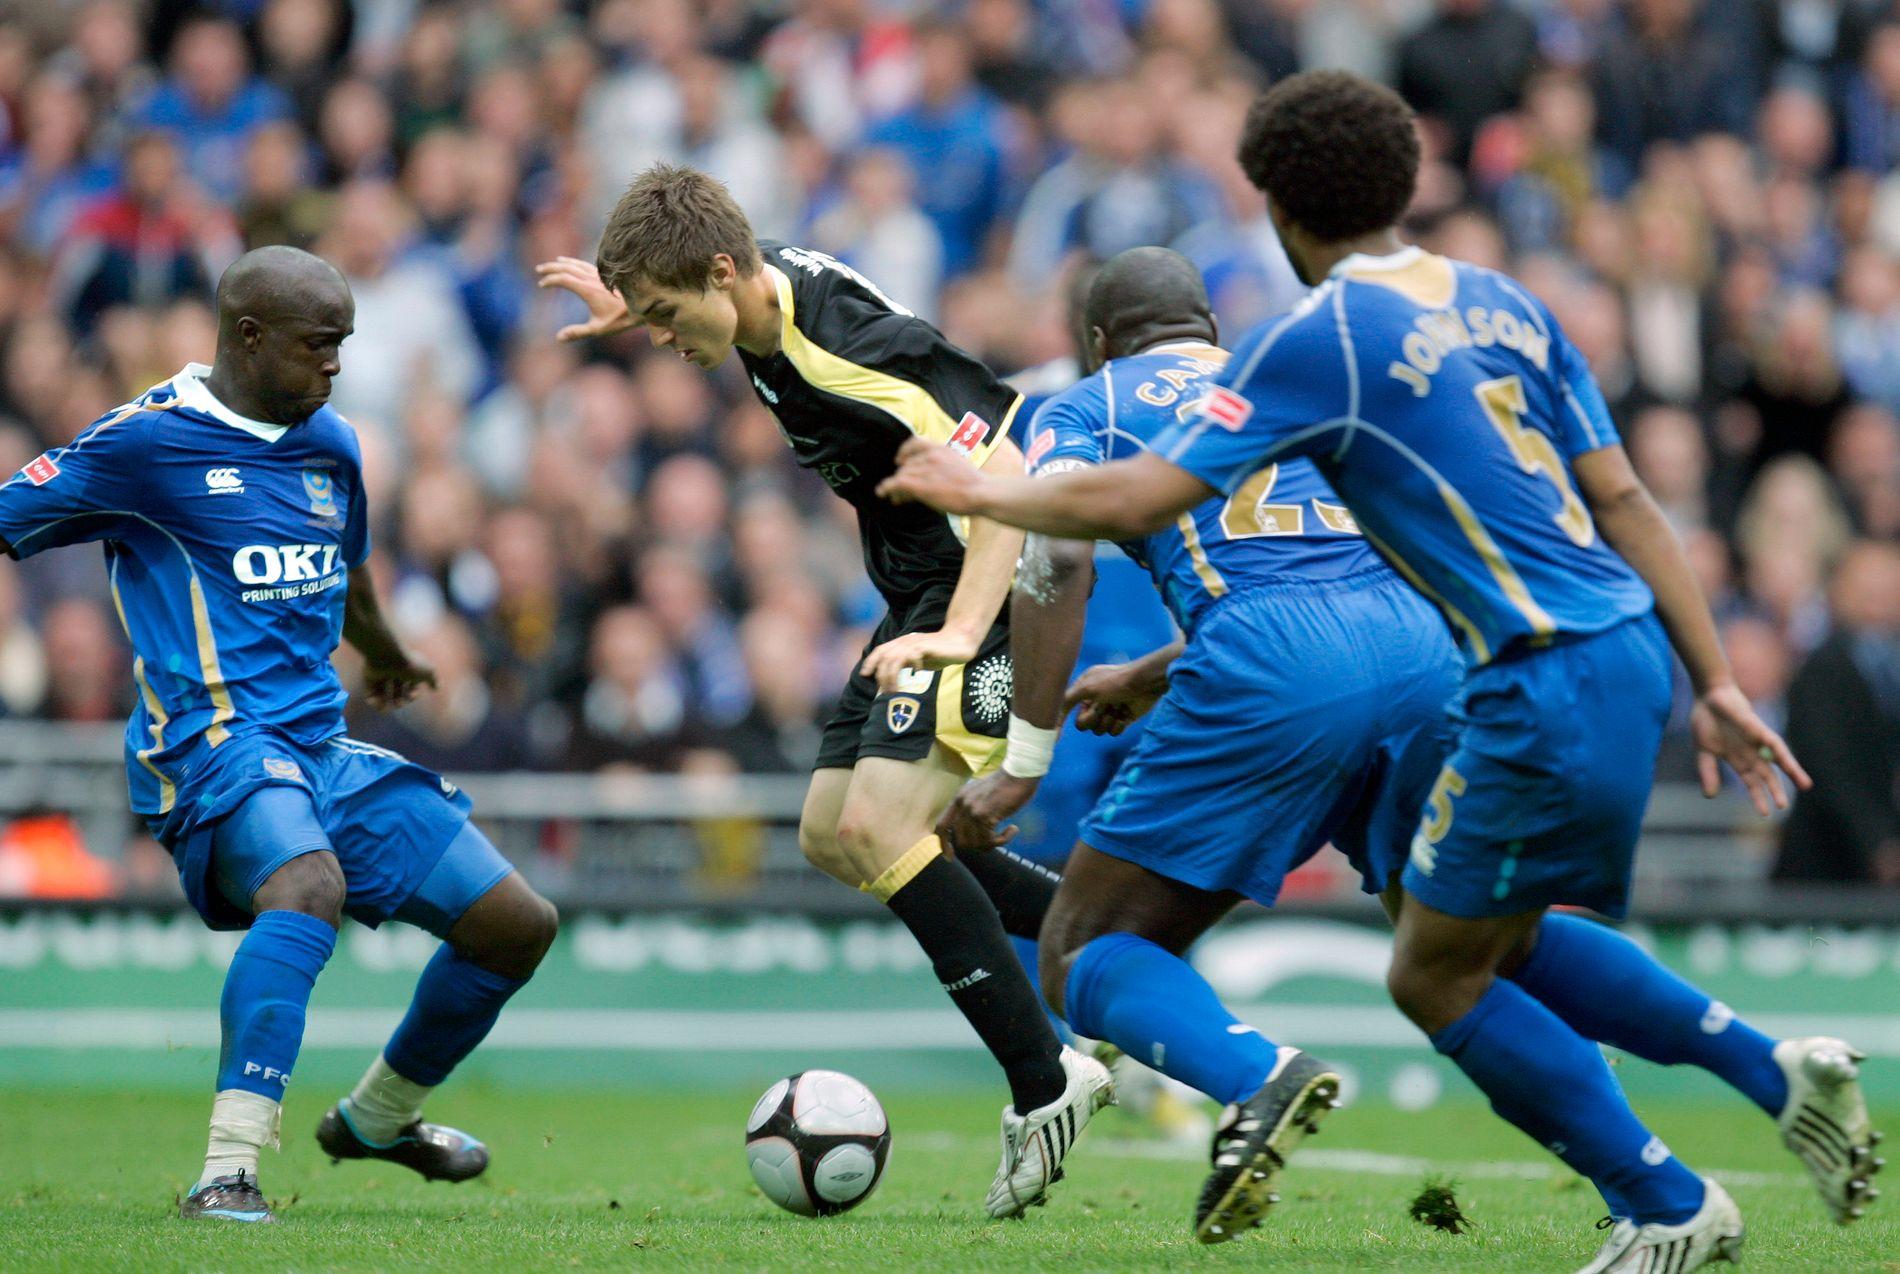 ETTERTRAKTET TENÅRING: Aaron Ramsey spilte FA-cupfinale som 17-åring for Cardiff i 2008. Her med ballen i duell med Lassana Diarra, Sol Campbell og Glen Johnson.